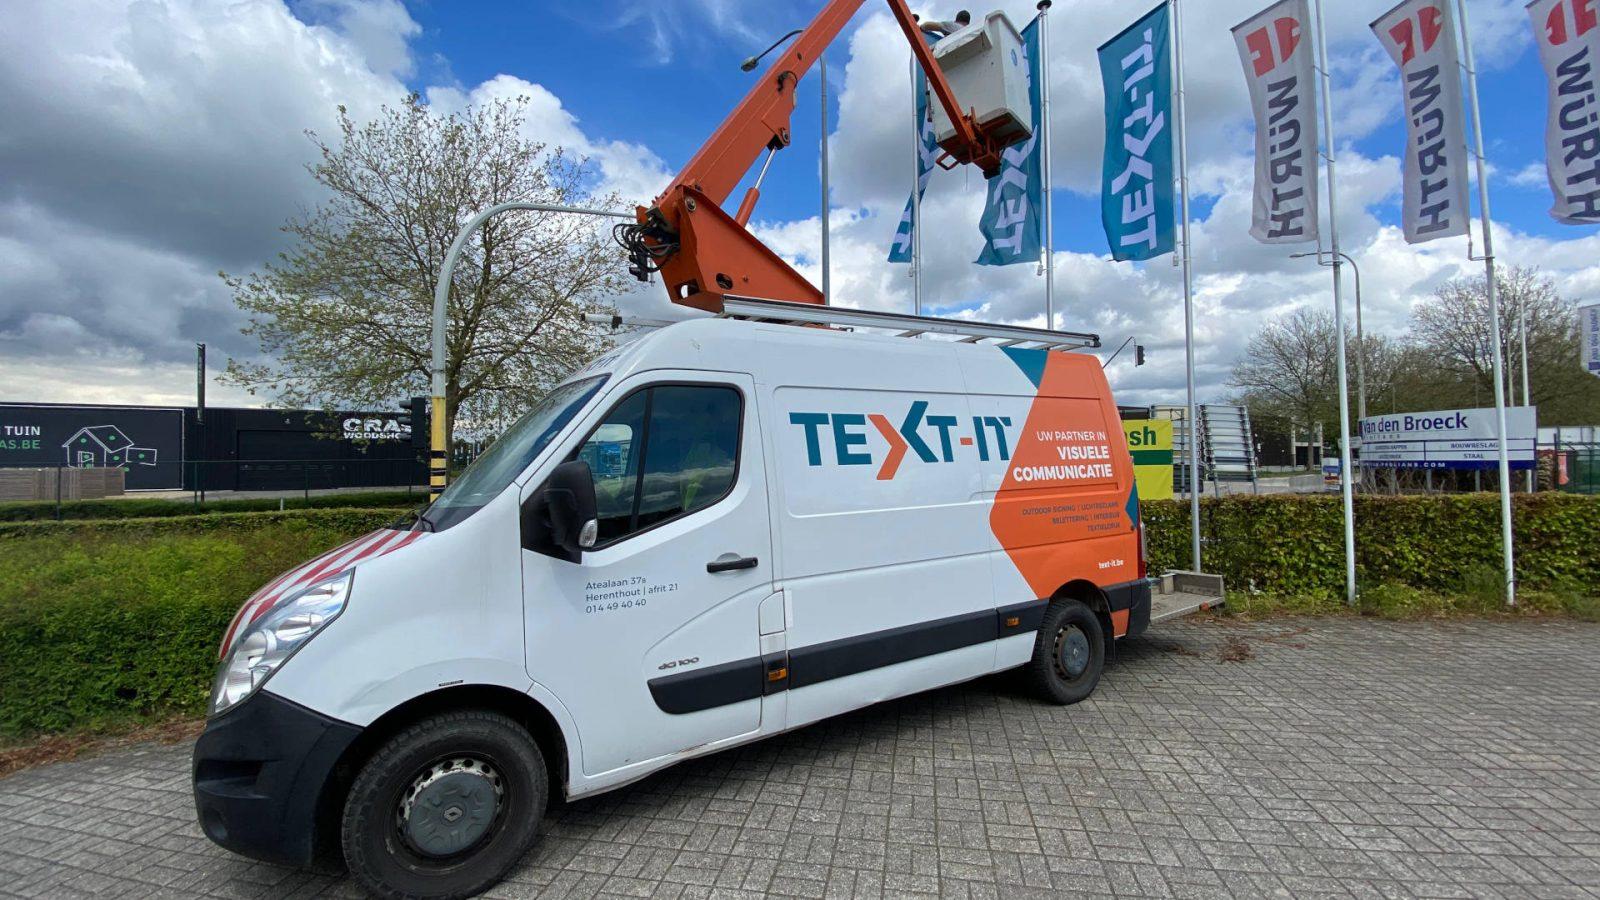 Montagedienst - TEXT-IT